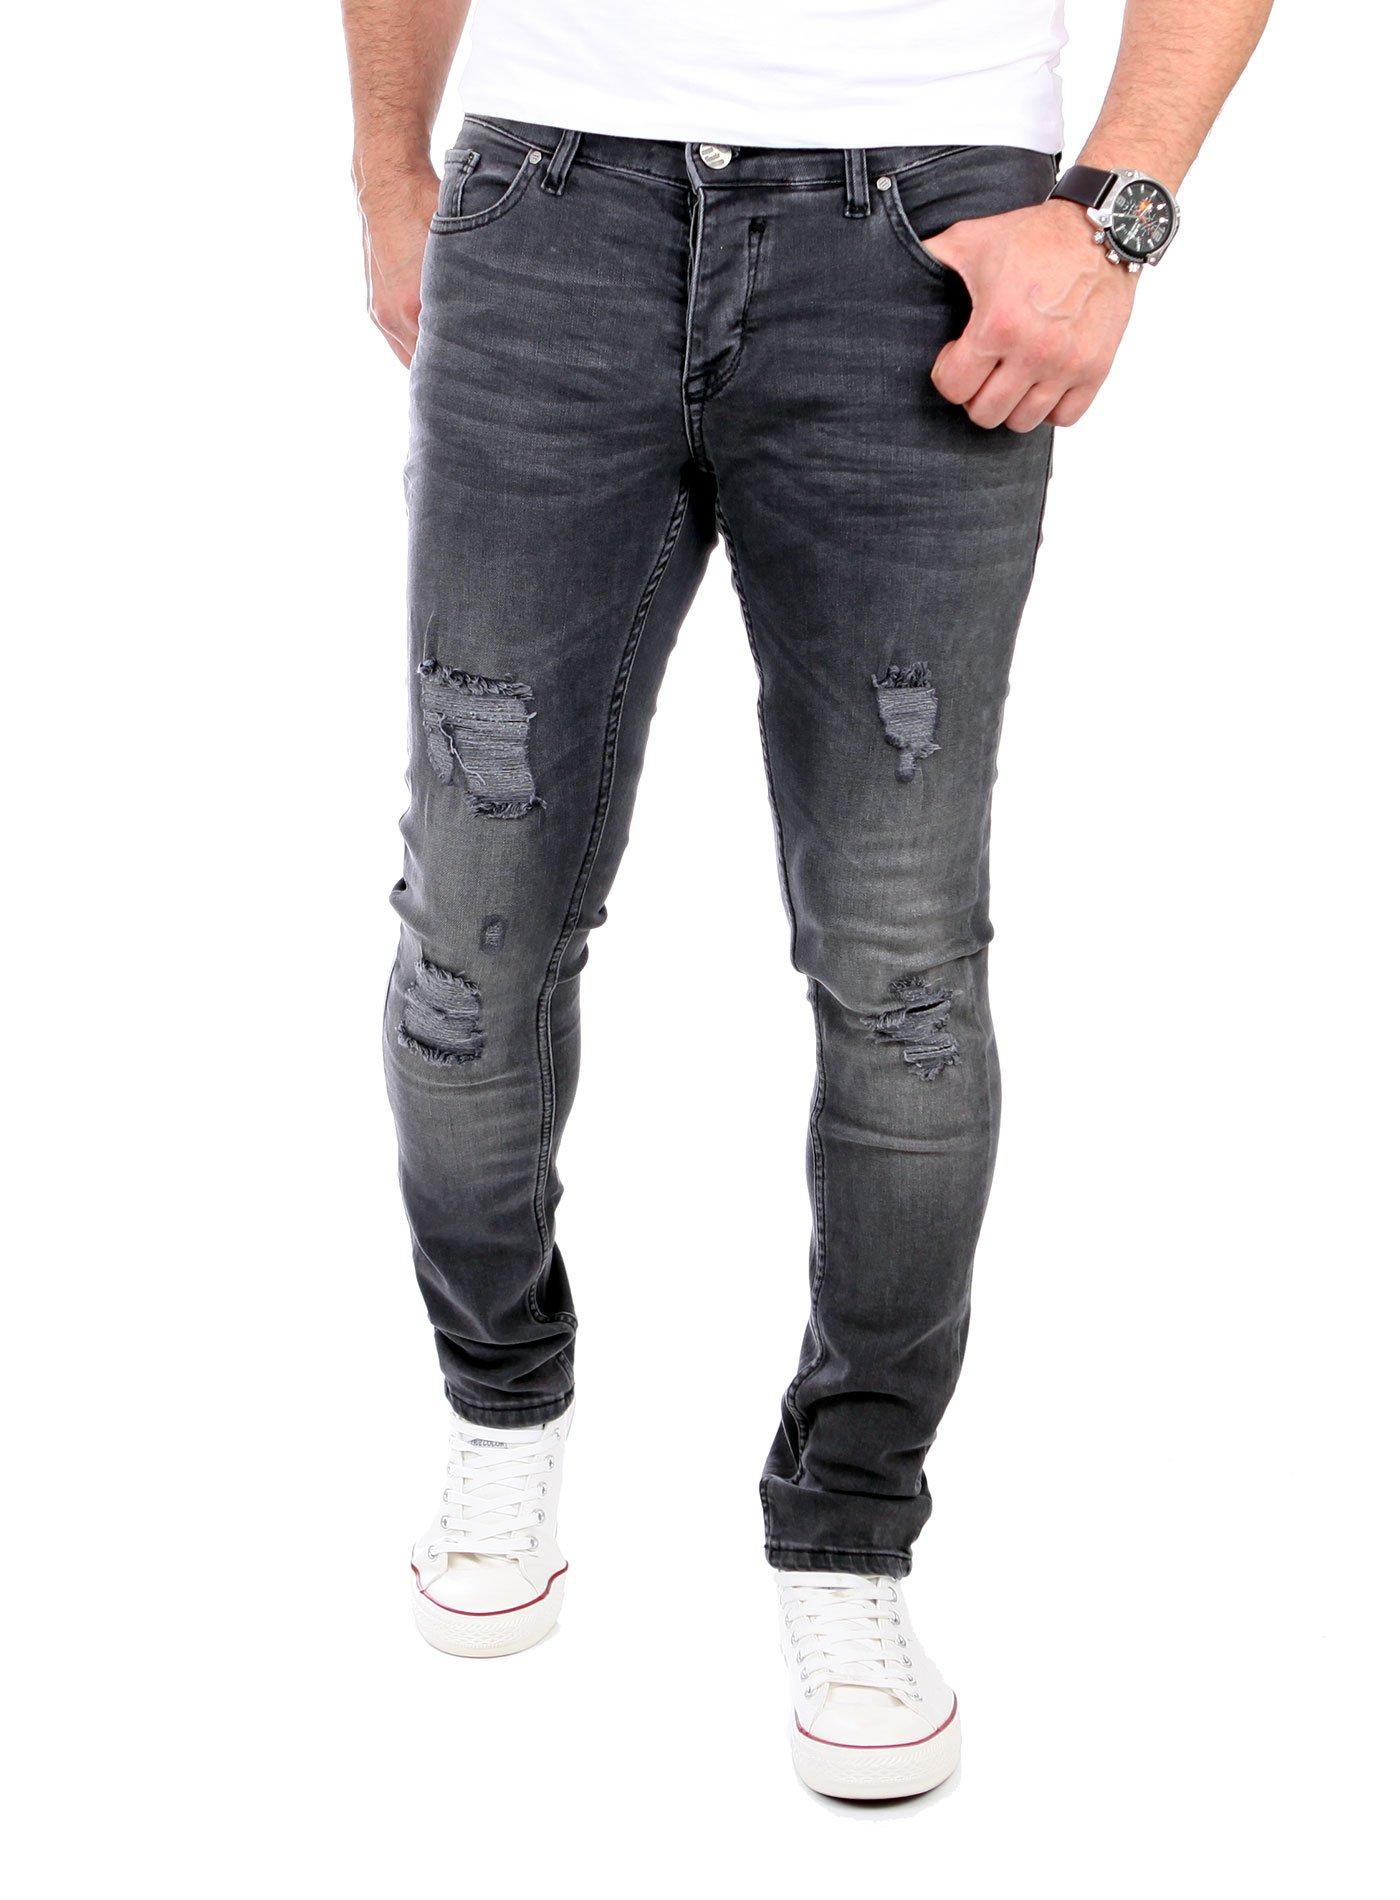 Reslad Jeans Herren Destroyed Slim Fit Herren Hose Jeanshose Männer Hosen Stretch Denim Jeans RS 2090